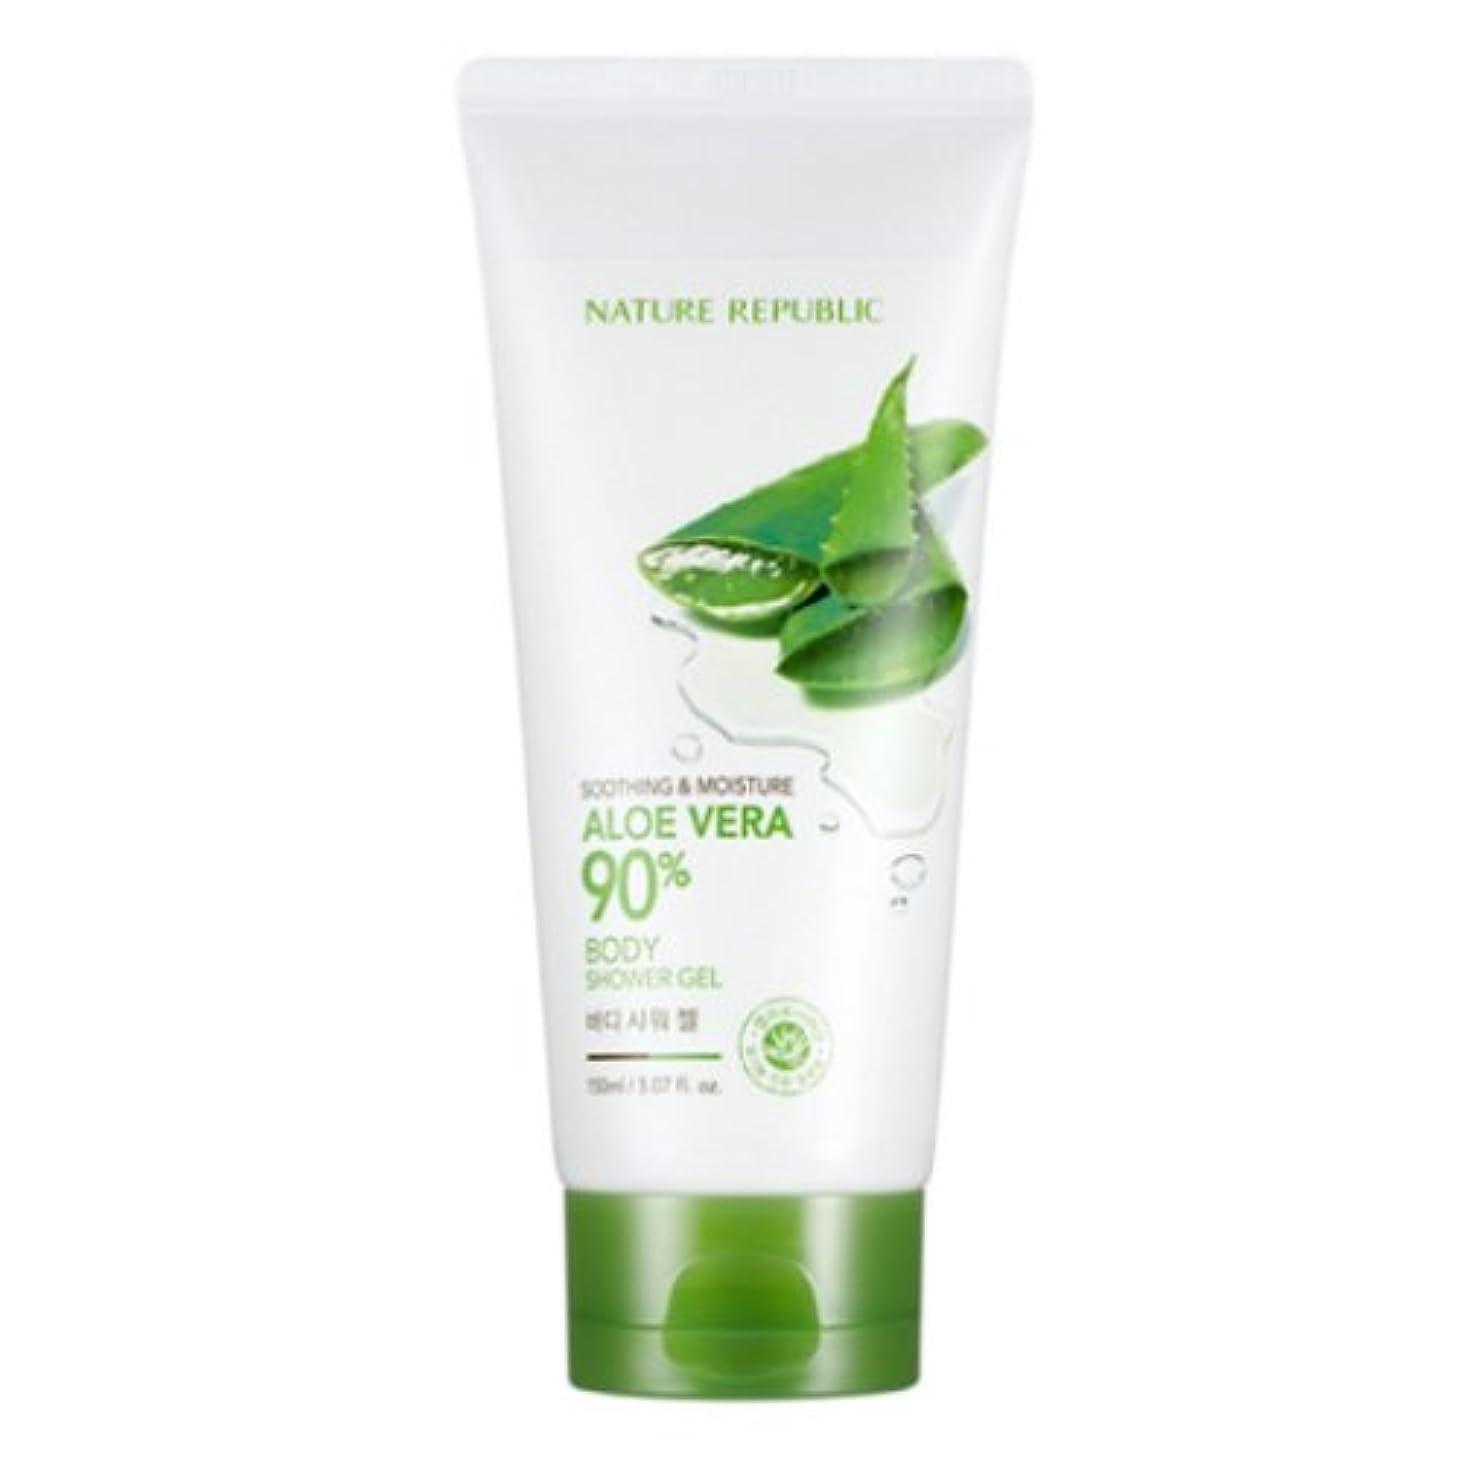 ジャンプ味わう牧草地[ネイチャーリパブリック] Nature republicスージングアンドモイスチャーアロエベラ90%ボディシャワージェル海外直送品(Soothing And Moisture Aloe Vera90%Body Shower...